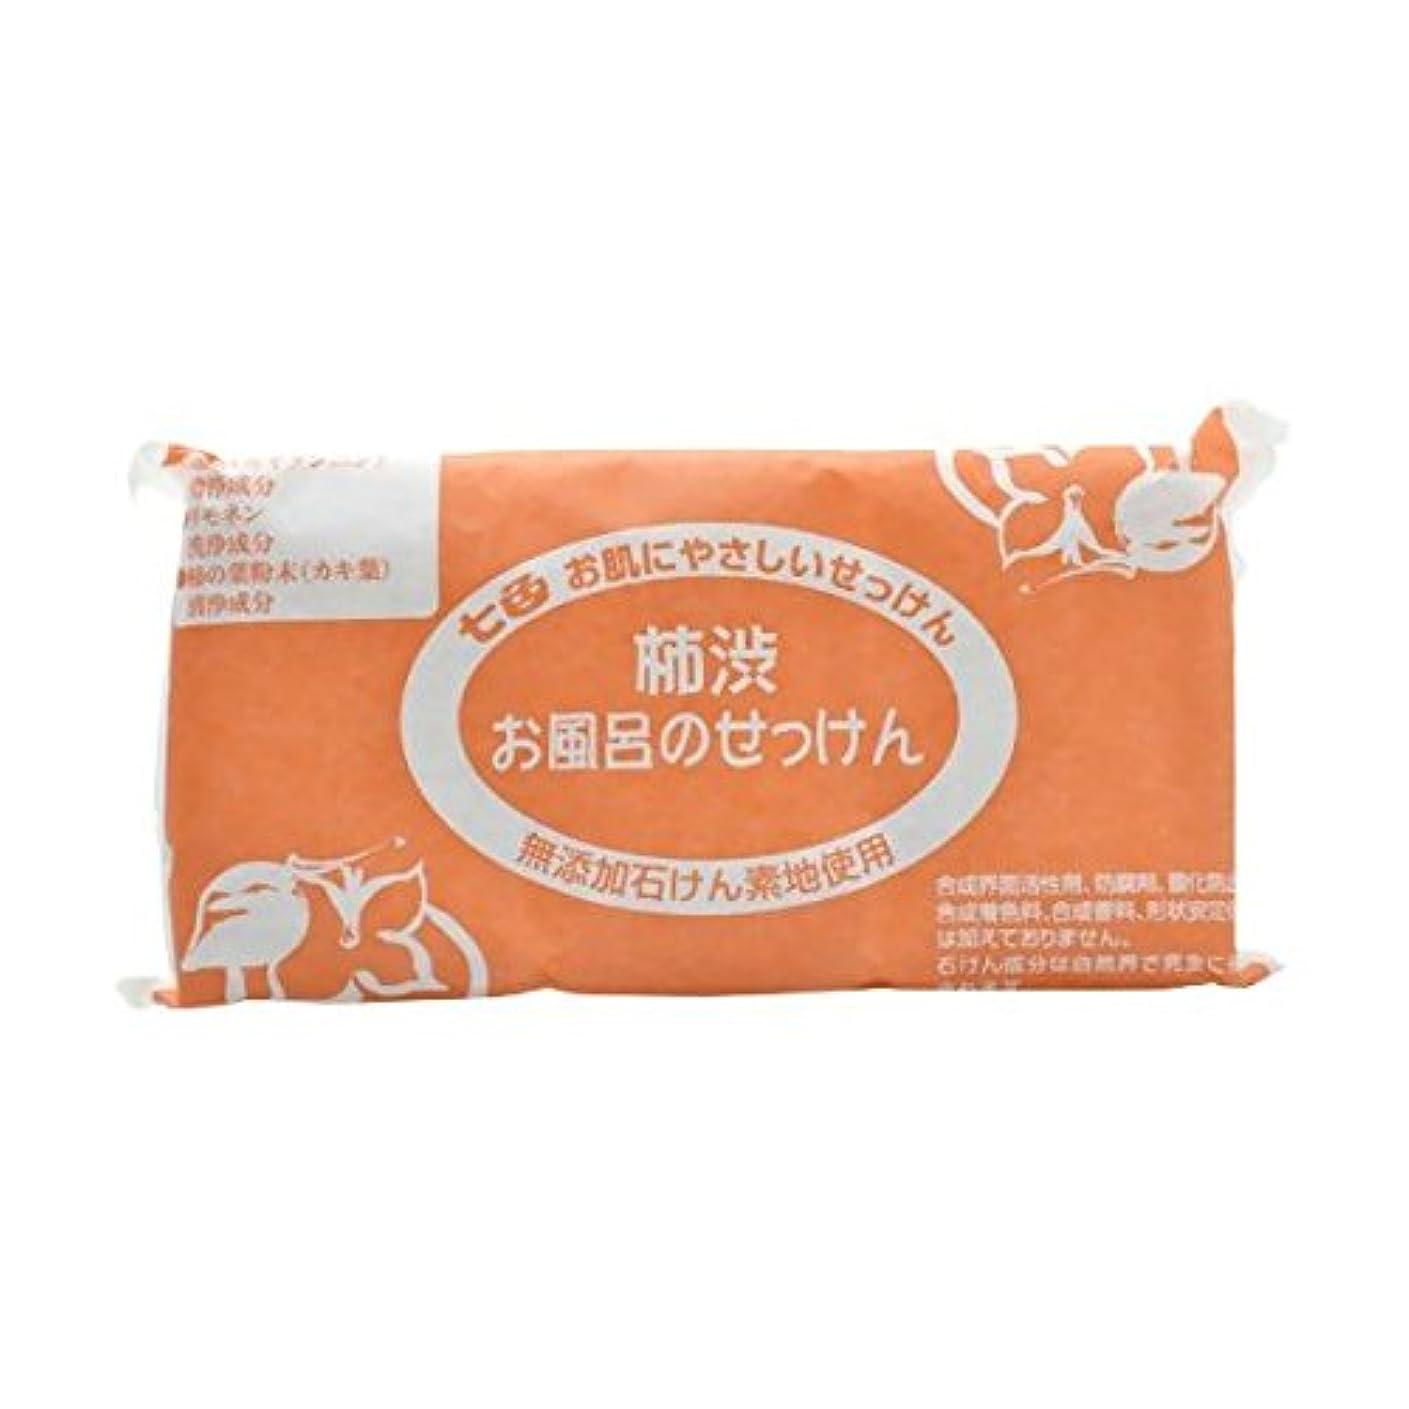 アブストラクト反対銀(まとめ買い)七色 お風呂のせっけん 柿渋(無添加石鹸) 100g×3個入×9セット